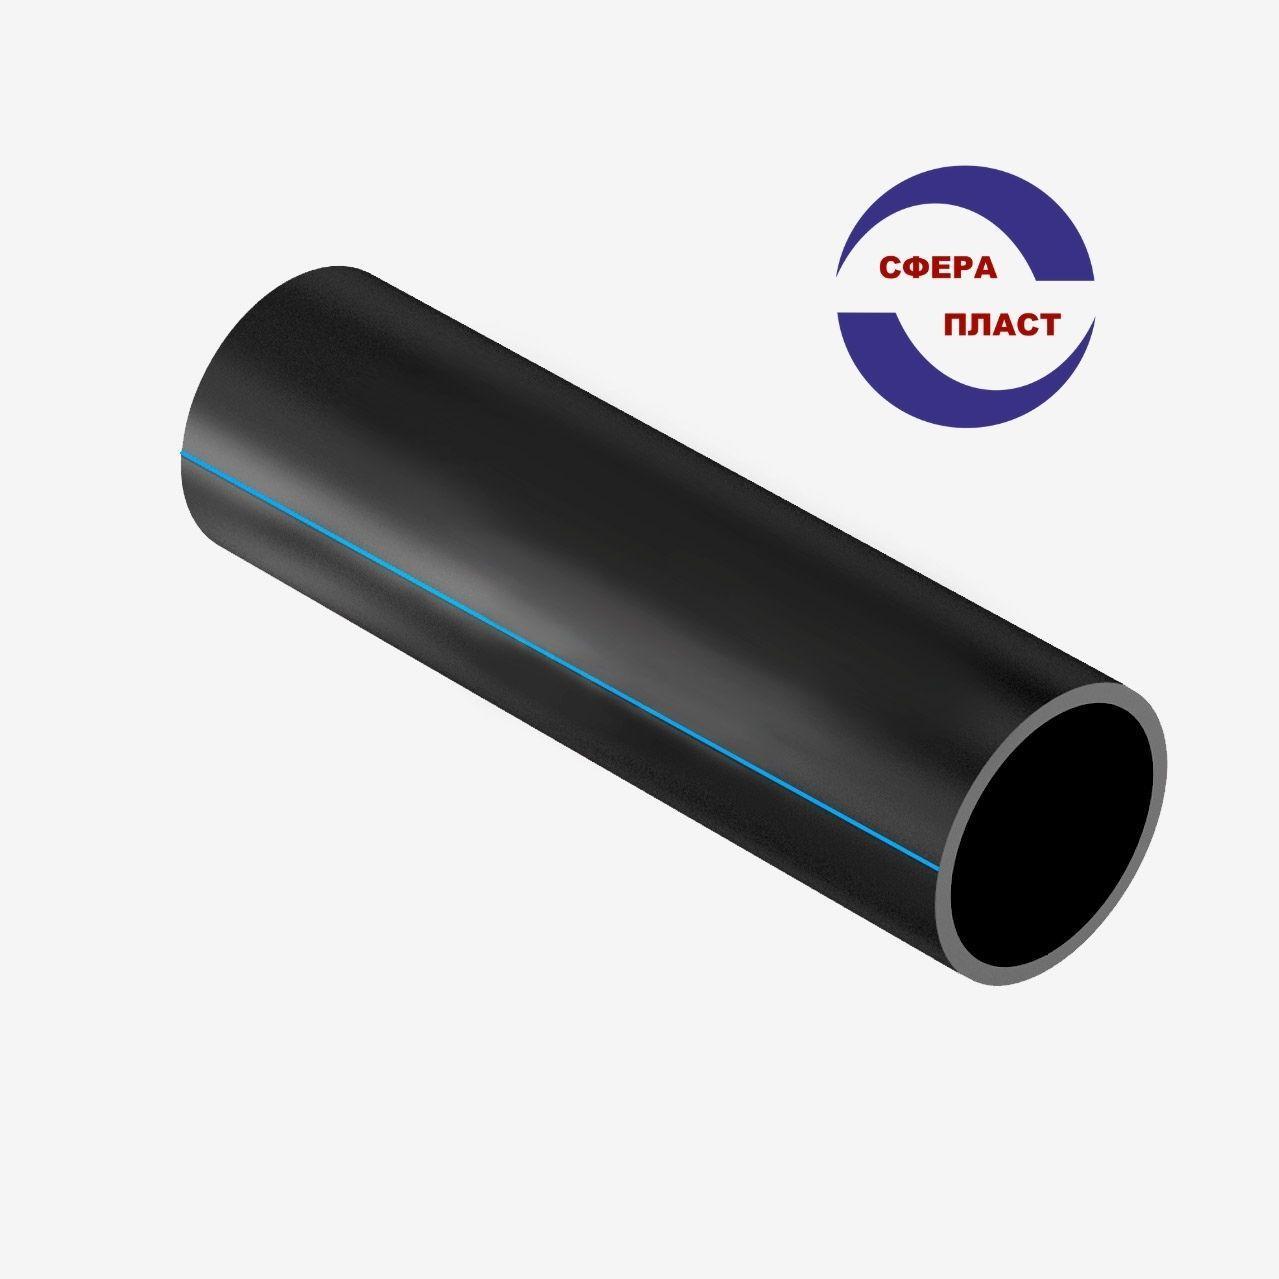 Труба Ду-40x3,0 SDR13,6 (12,5 атм) полиэтиленовая ПЭ-100